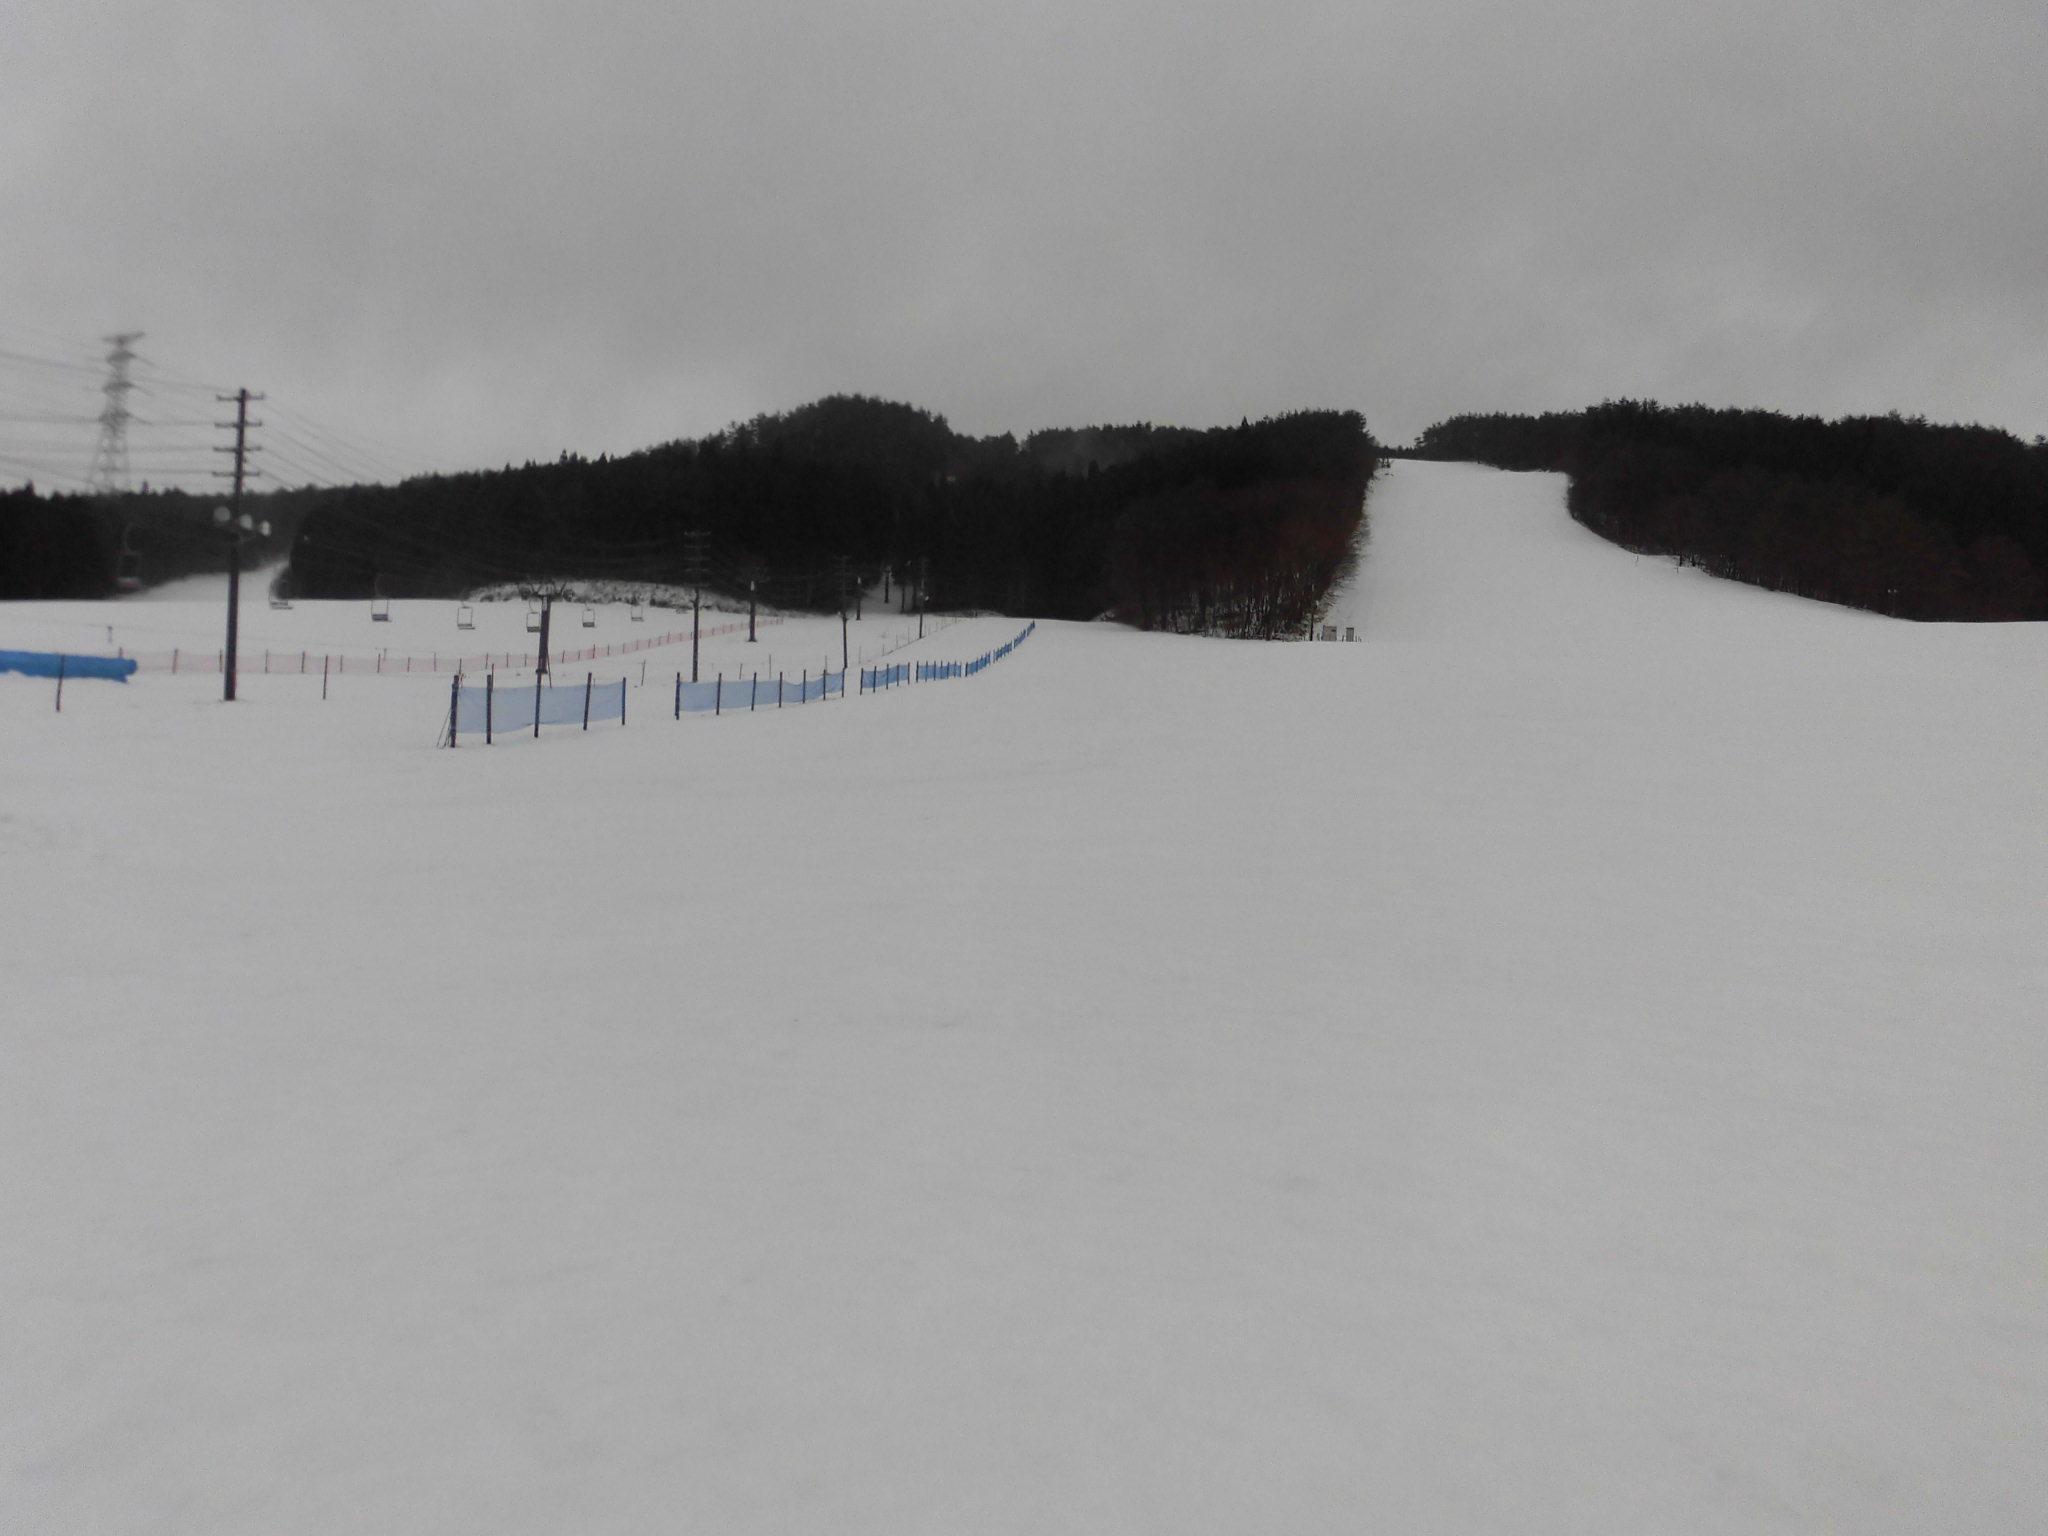 令和2年1月29日(水) 天気:雨 気温:2℃ 積雪:20㎝ 一部滑走可能_e0306207_07564233.jpg